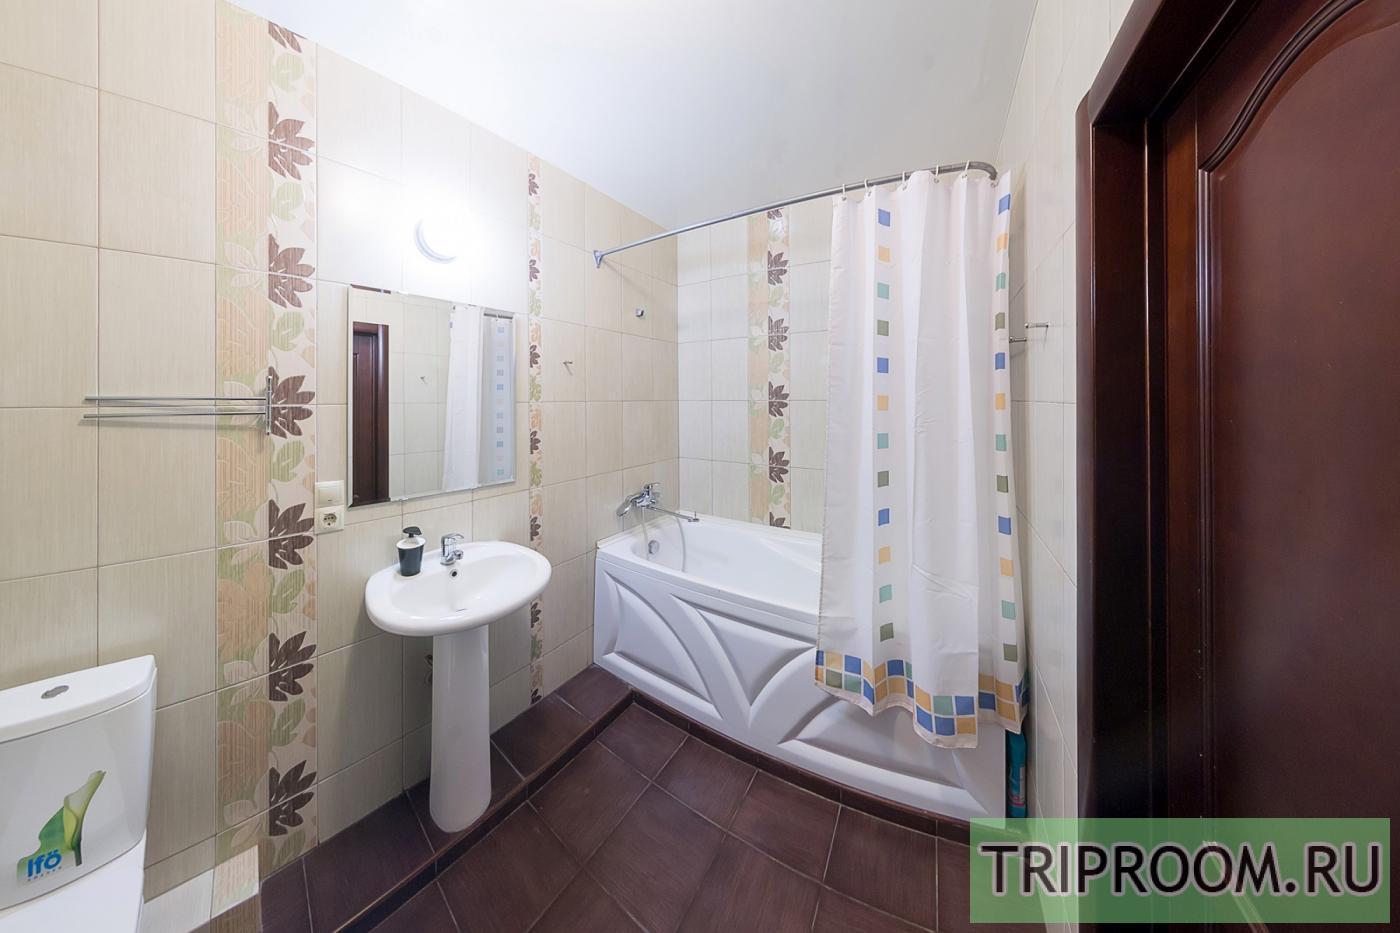 1-комнатная квартира посуточно (вариант № 33969), ул. Серафимовича улица, фото № 6